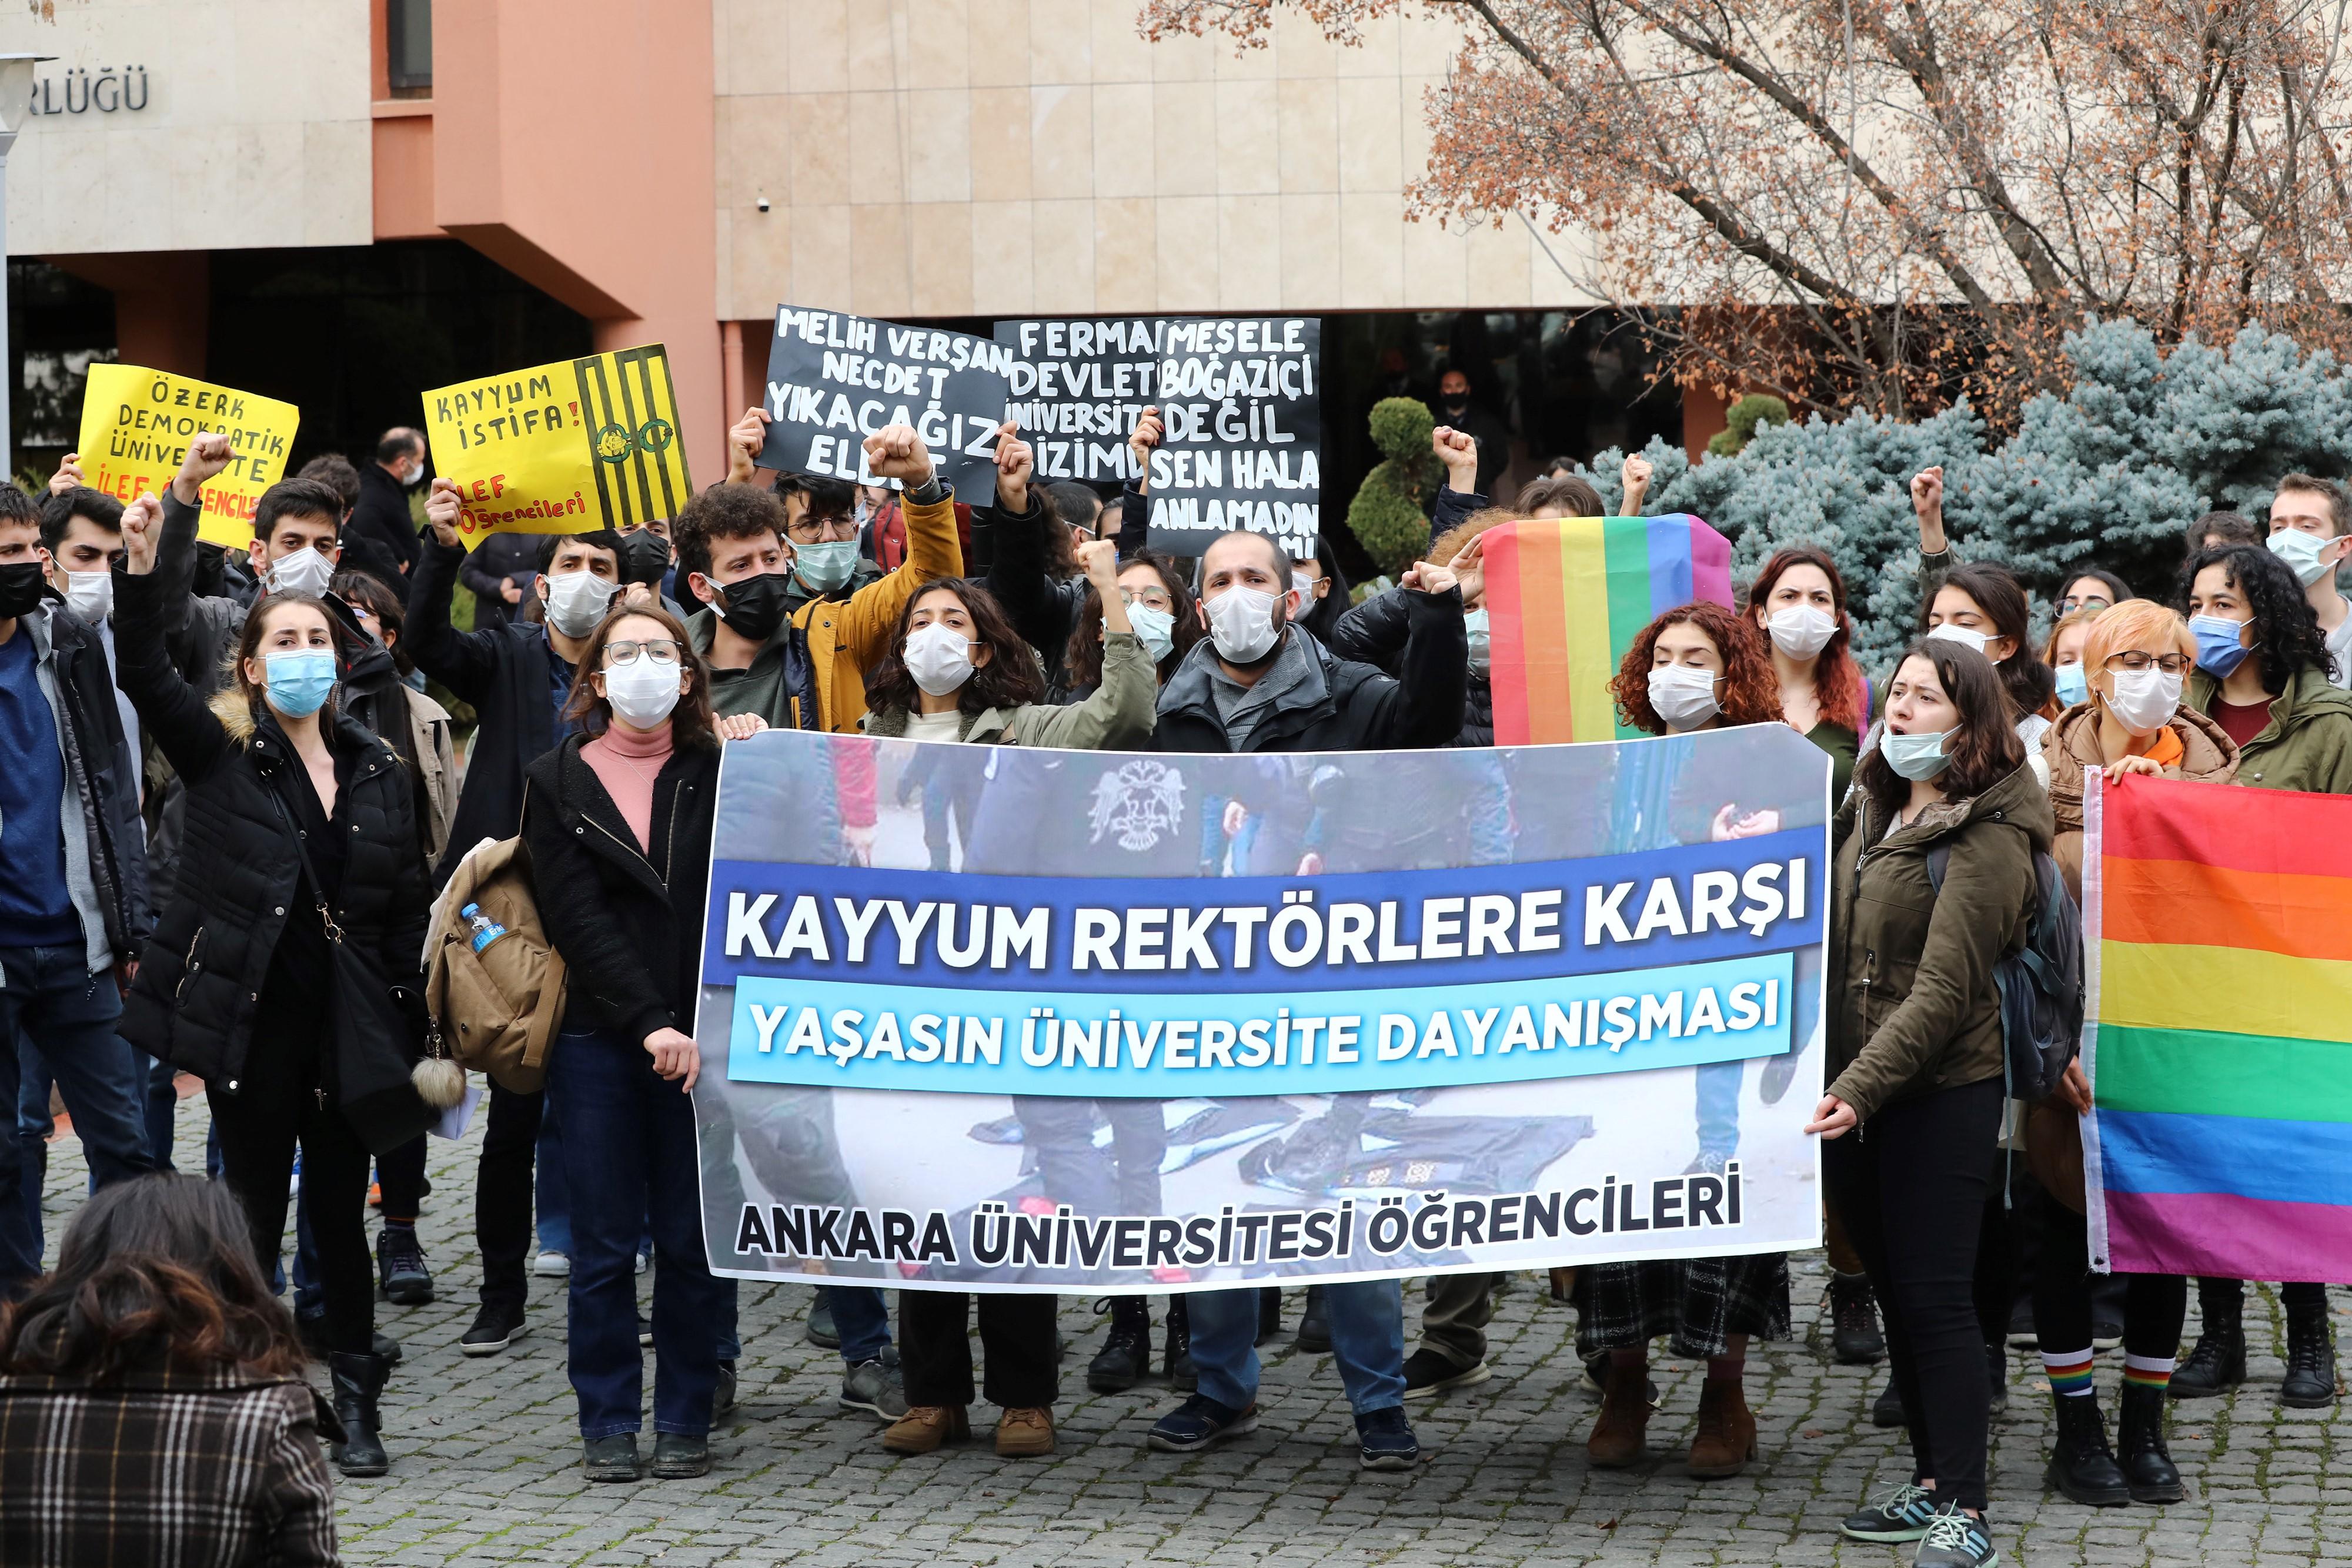 Letartóztattak négy diákot Törökországban mert LMBTQ szivárványt fújtak fel egy szent kép mellé